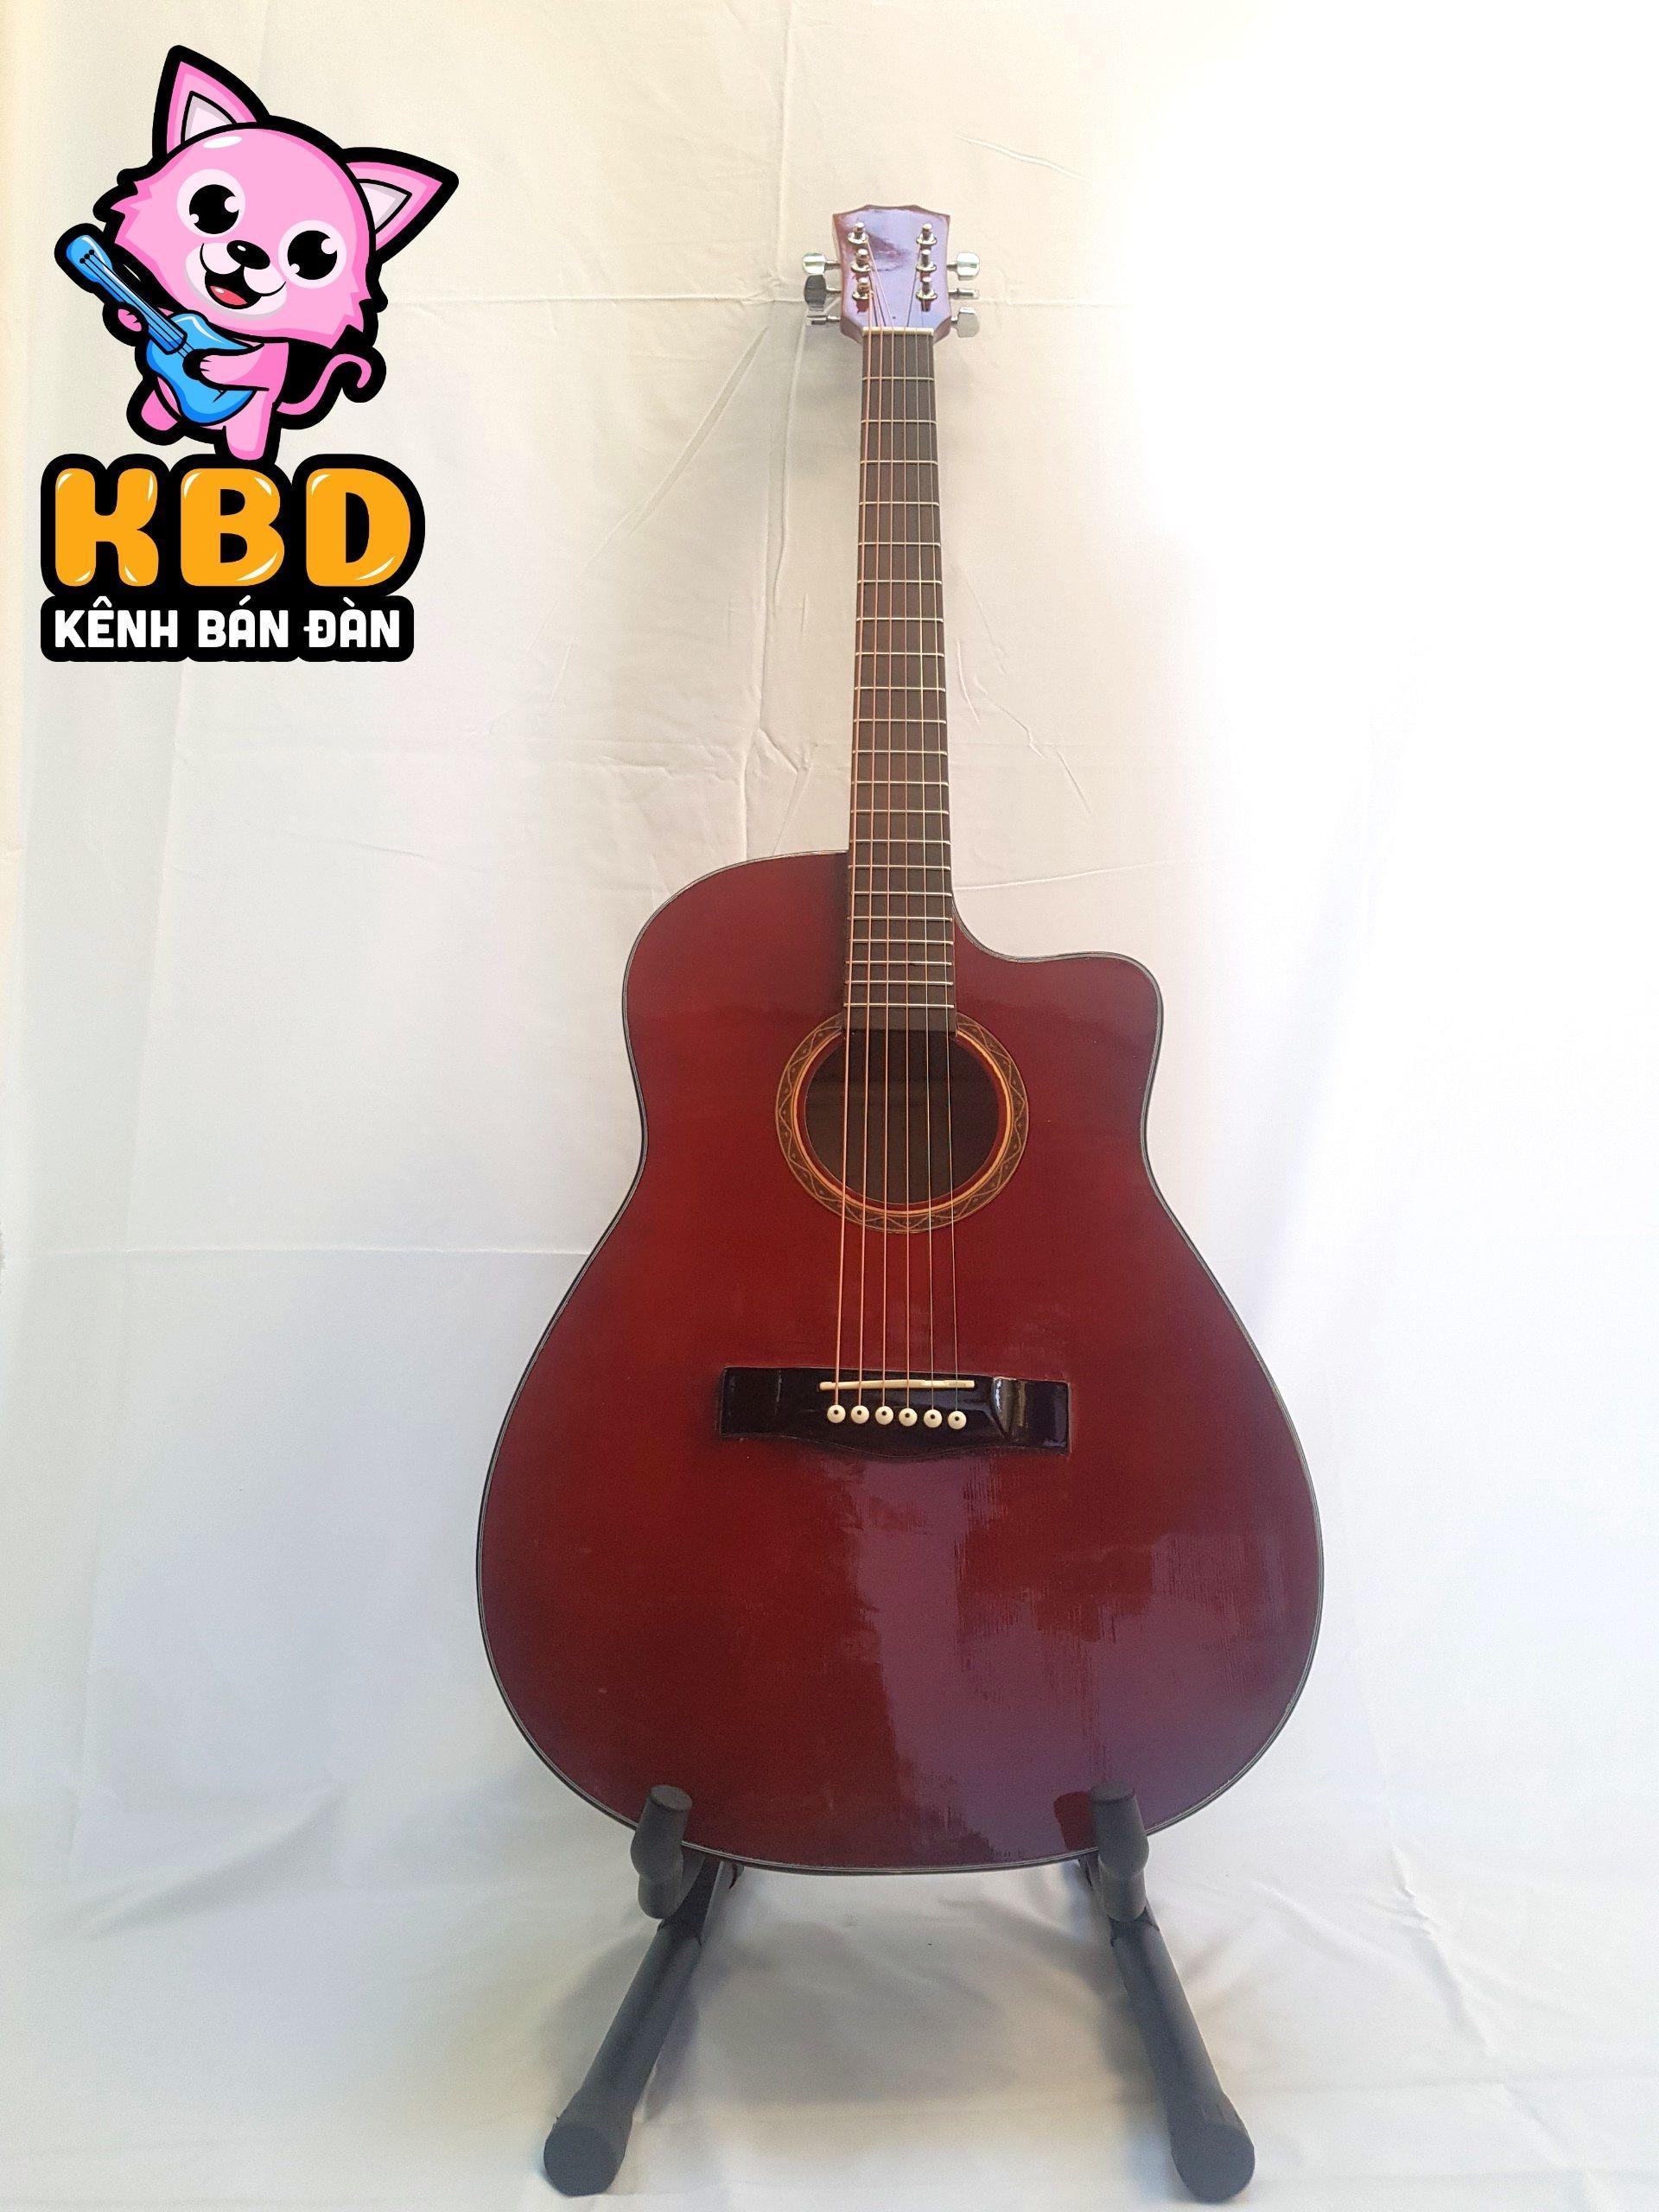 [TẶNG KÈM KHÓA HỌC] Đàn Guitar Acoustic KBD MS 2020 + pick gảy , giáo trình online hướng dẫn cho người mới tập chơi.